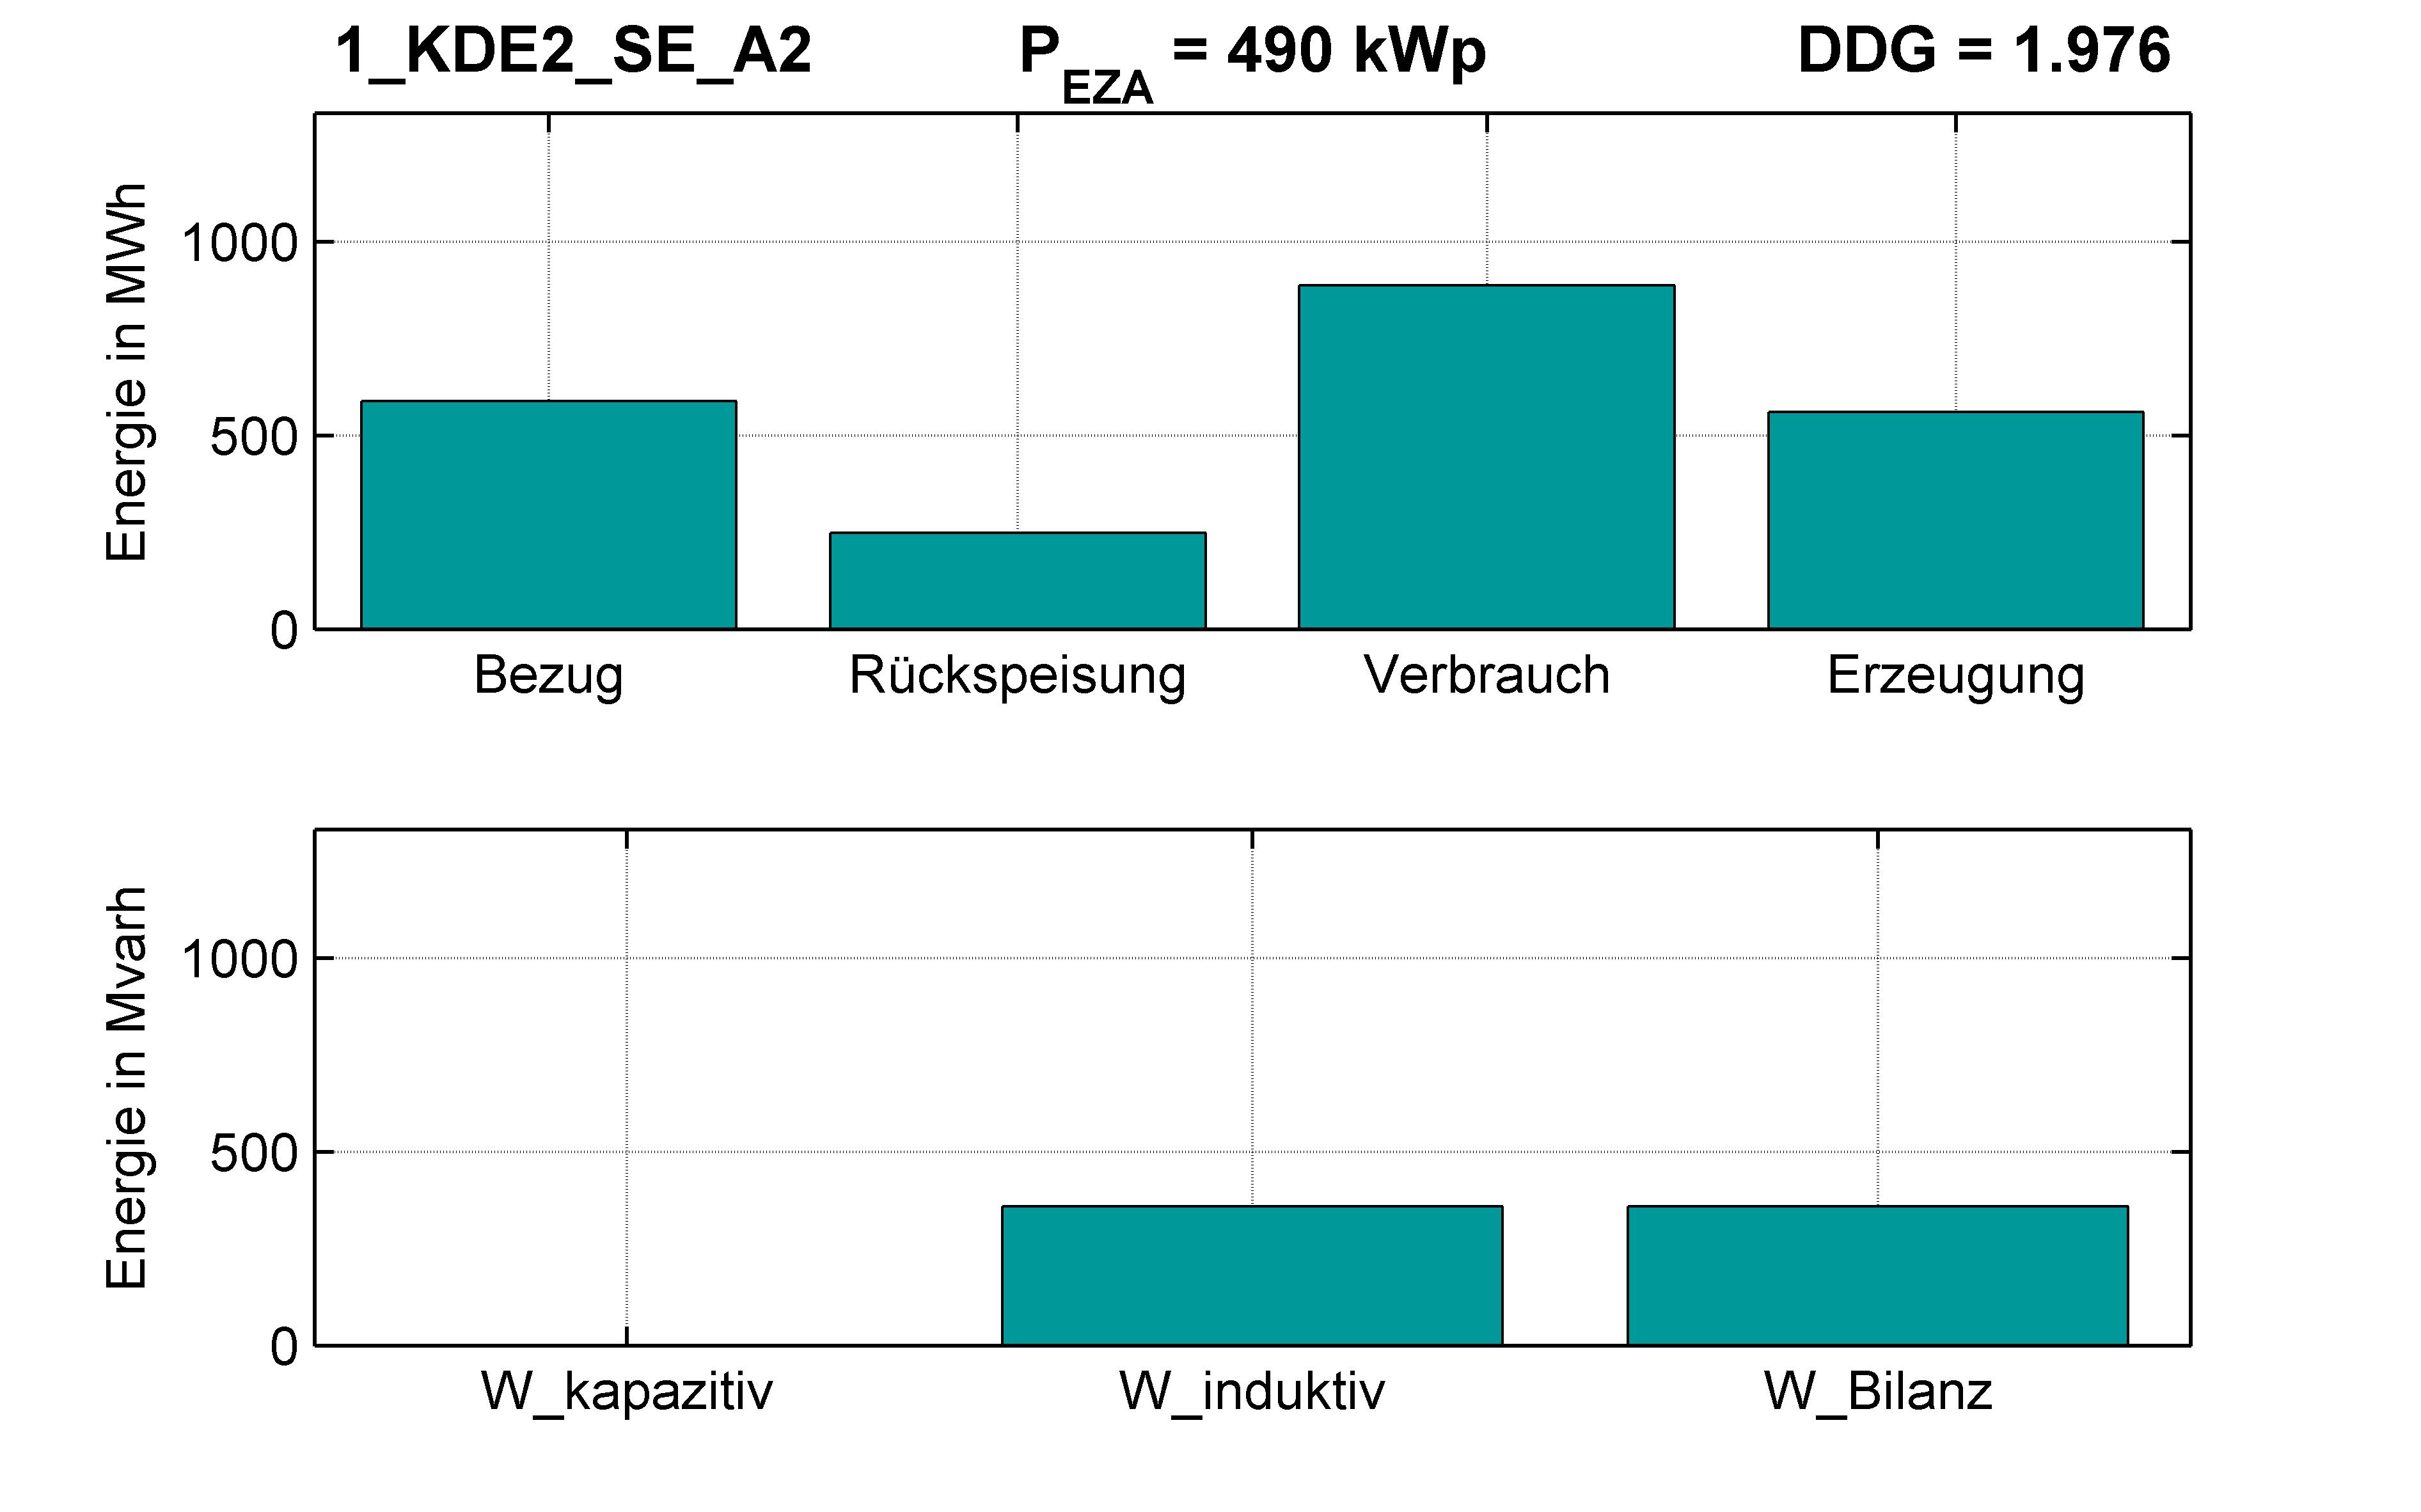 KDE2 | KABEL (SE) A2 | PQ-Bilanz